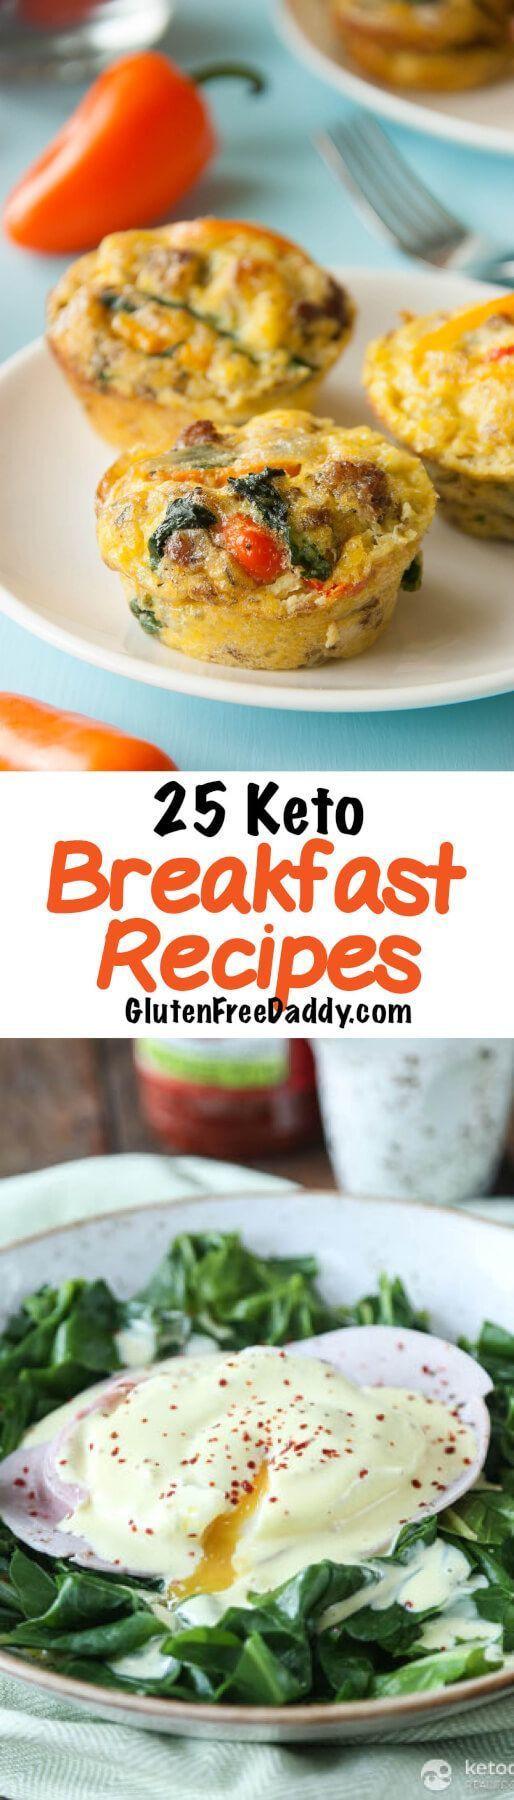 Keto Recipes For Breakfast  Best 25 Keto t breakfast ideas on Pinterest